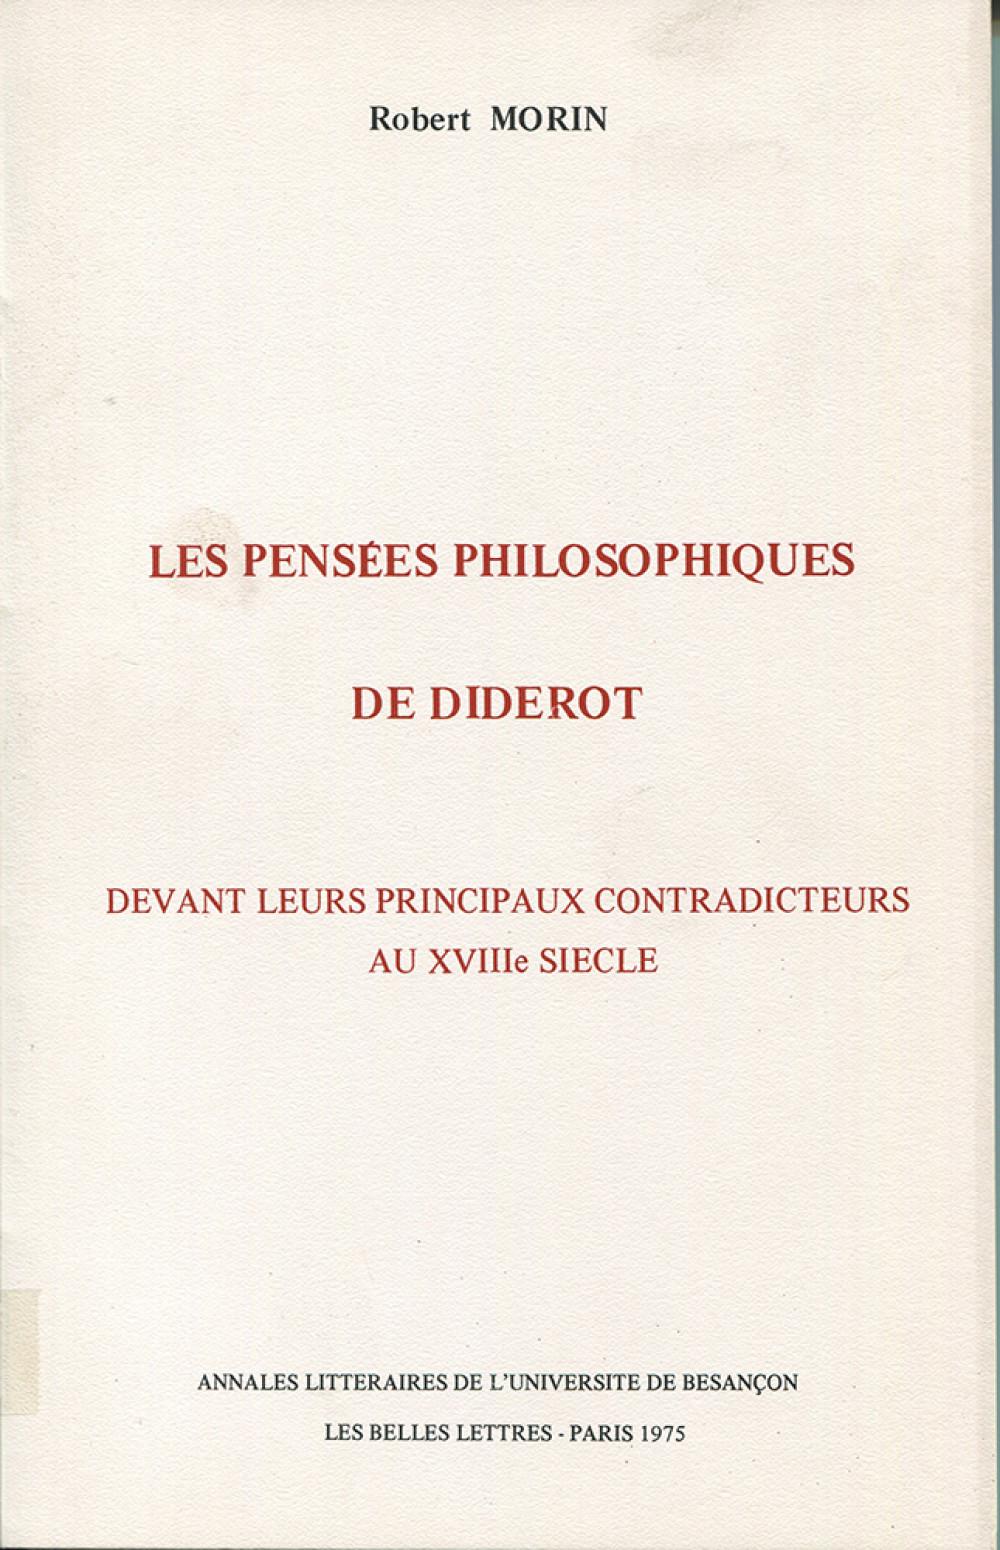 Les pensées philosophiques de Diderot devant leurs principaux contradicteurs